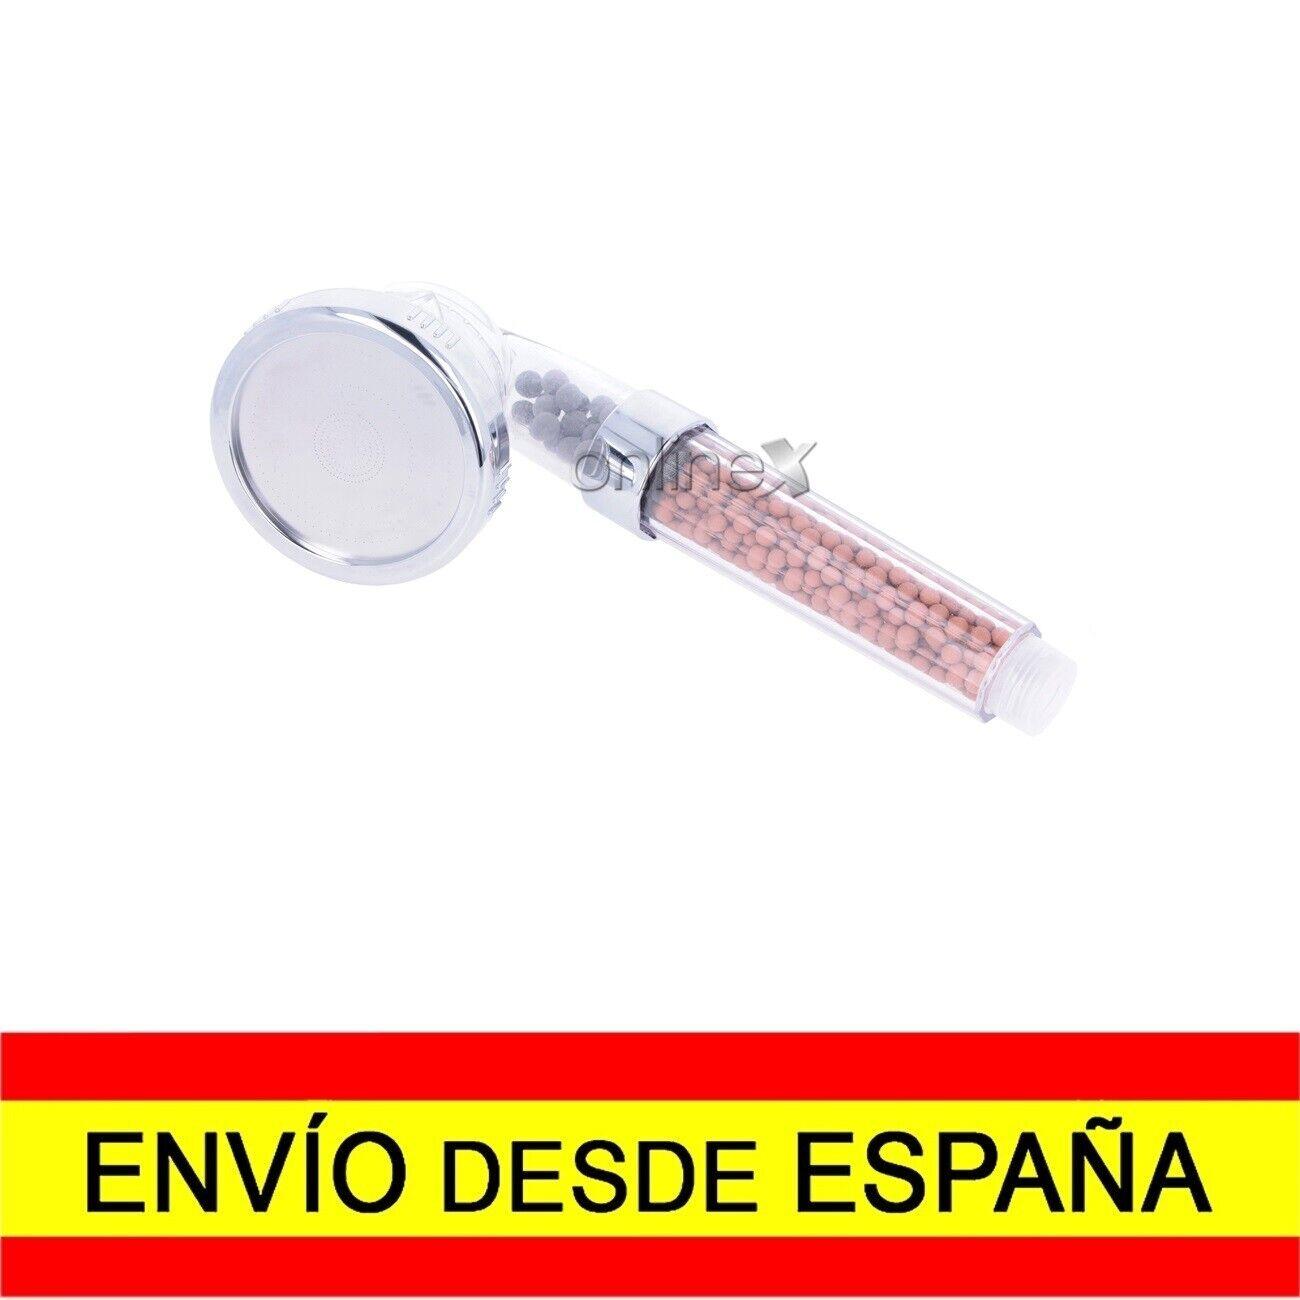 Alcachofa Grifo Ducha Masaje Purificación Bolas Minerales EnvÍo 48/72h a2135